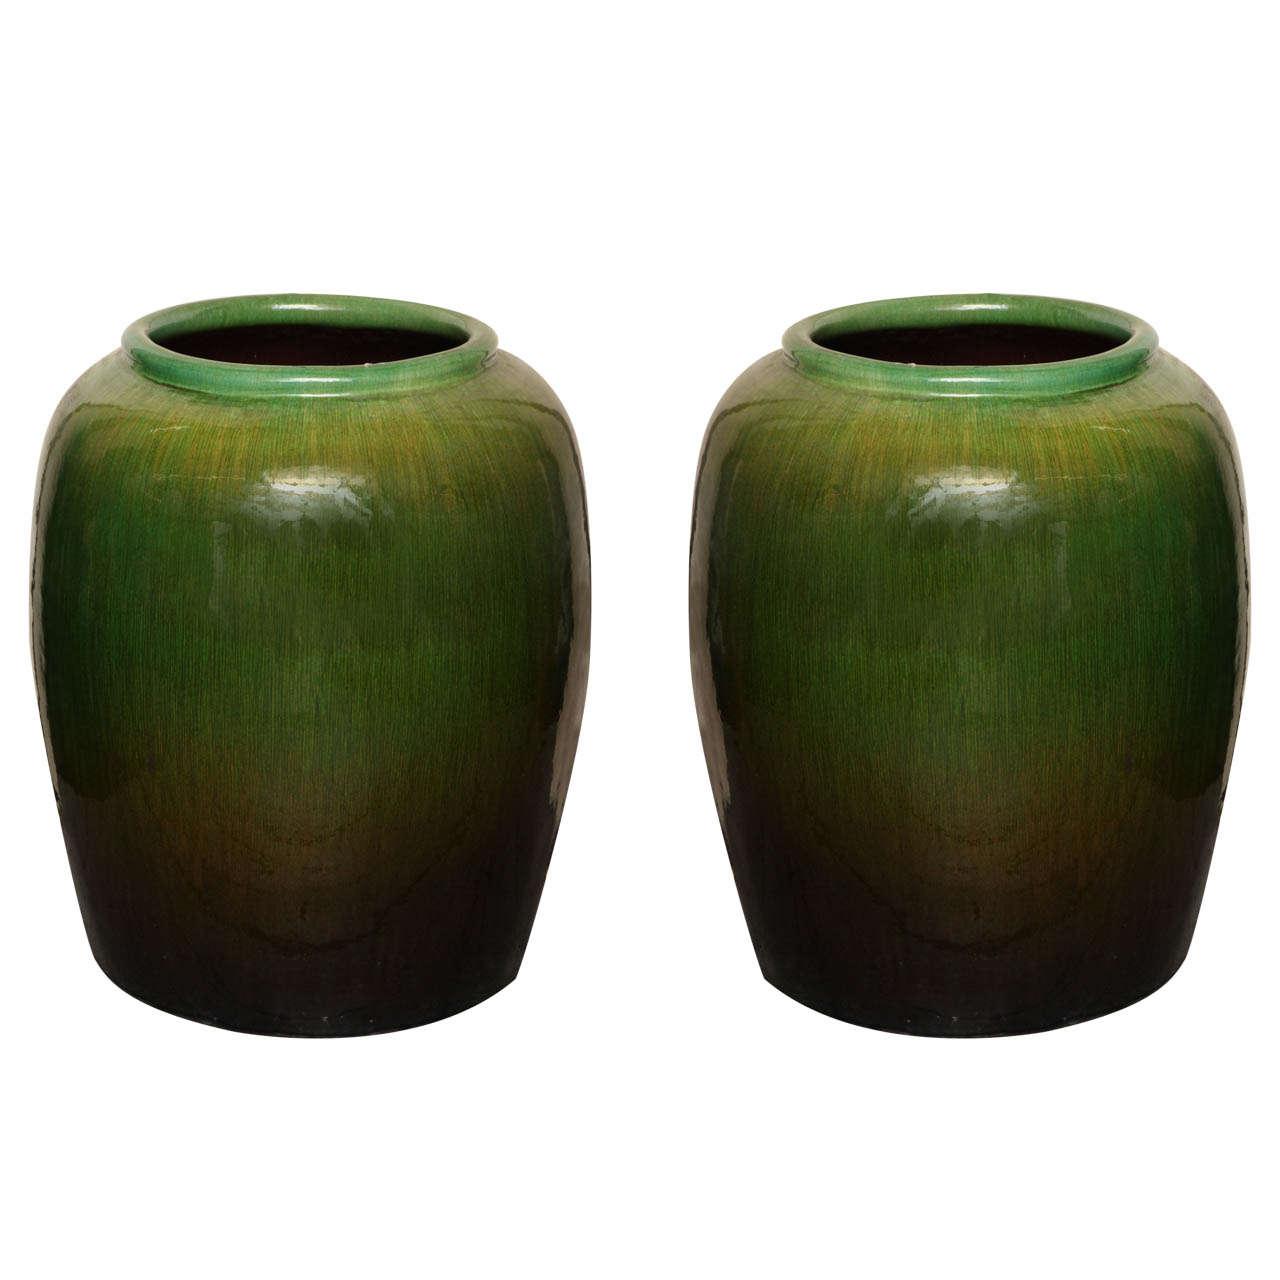 Vintage tall round green glaze ceramic water jar from china for vintage tall round green glaze ceramic water jar from china for sale reviewsmspy